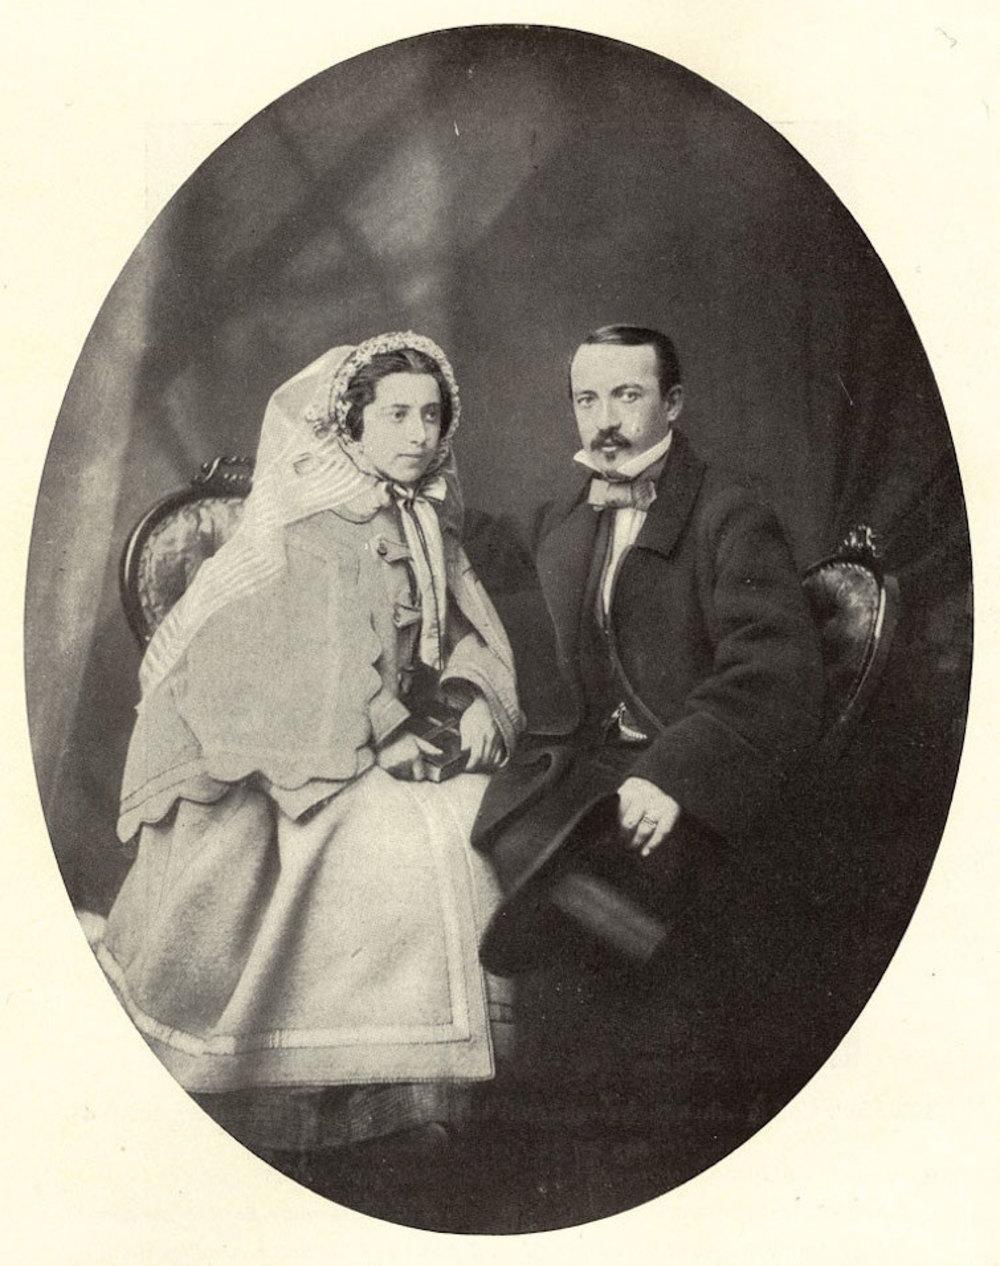 작가 믹스 다우텐다이의 아버지 칼 다우텐다이와 그의 부인